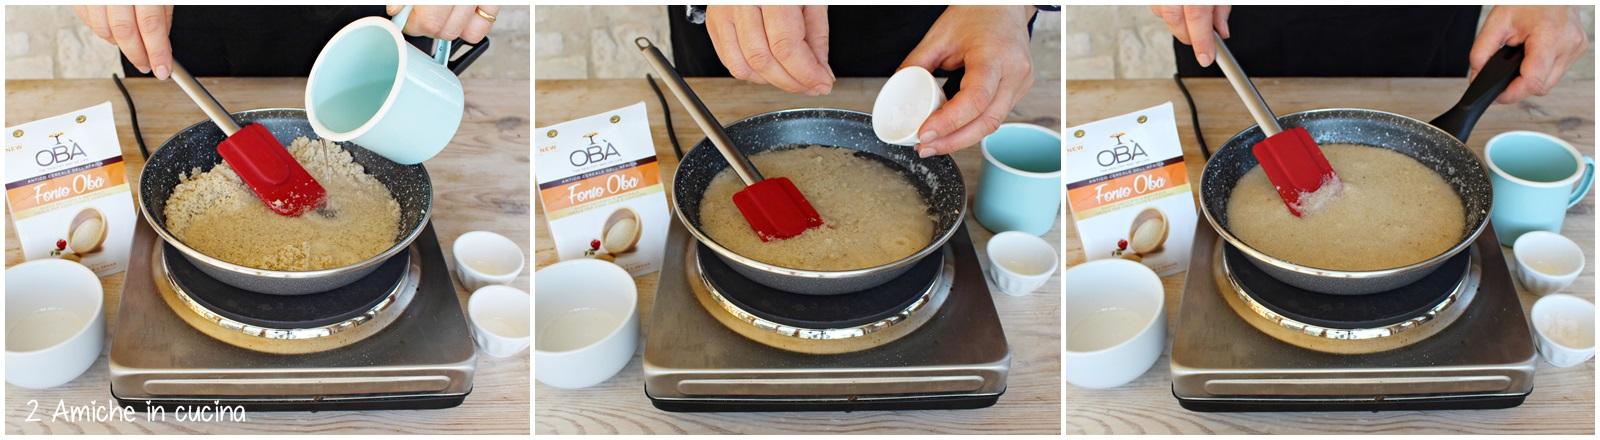 Torta di fonio e nocciole, senza glutine, senza burro, senza zucchero e senza lievito